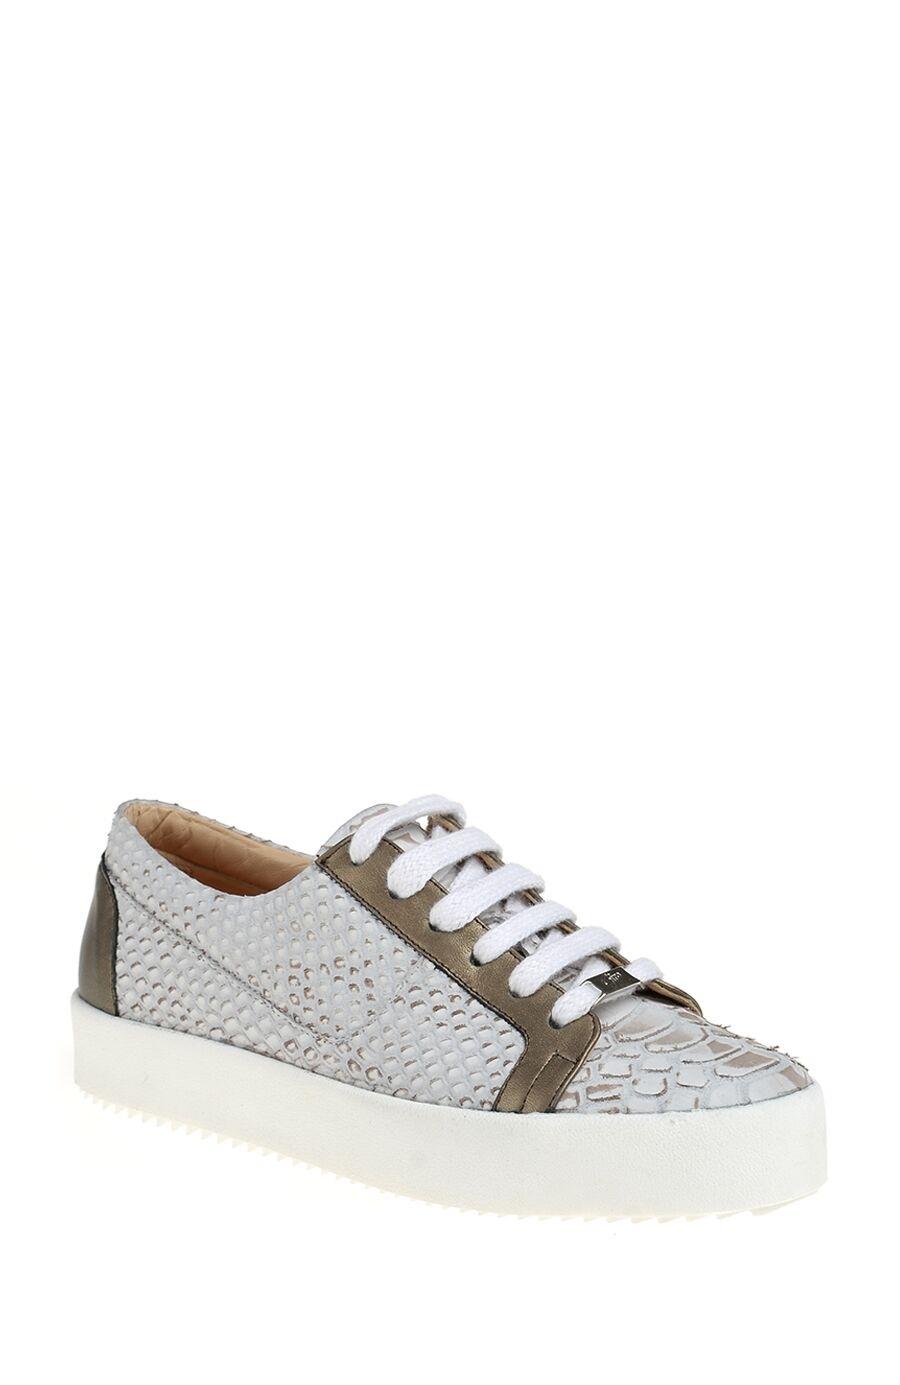 Gıro Baskılı Beyaz Sneaker – 149.0 TL